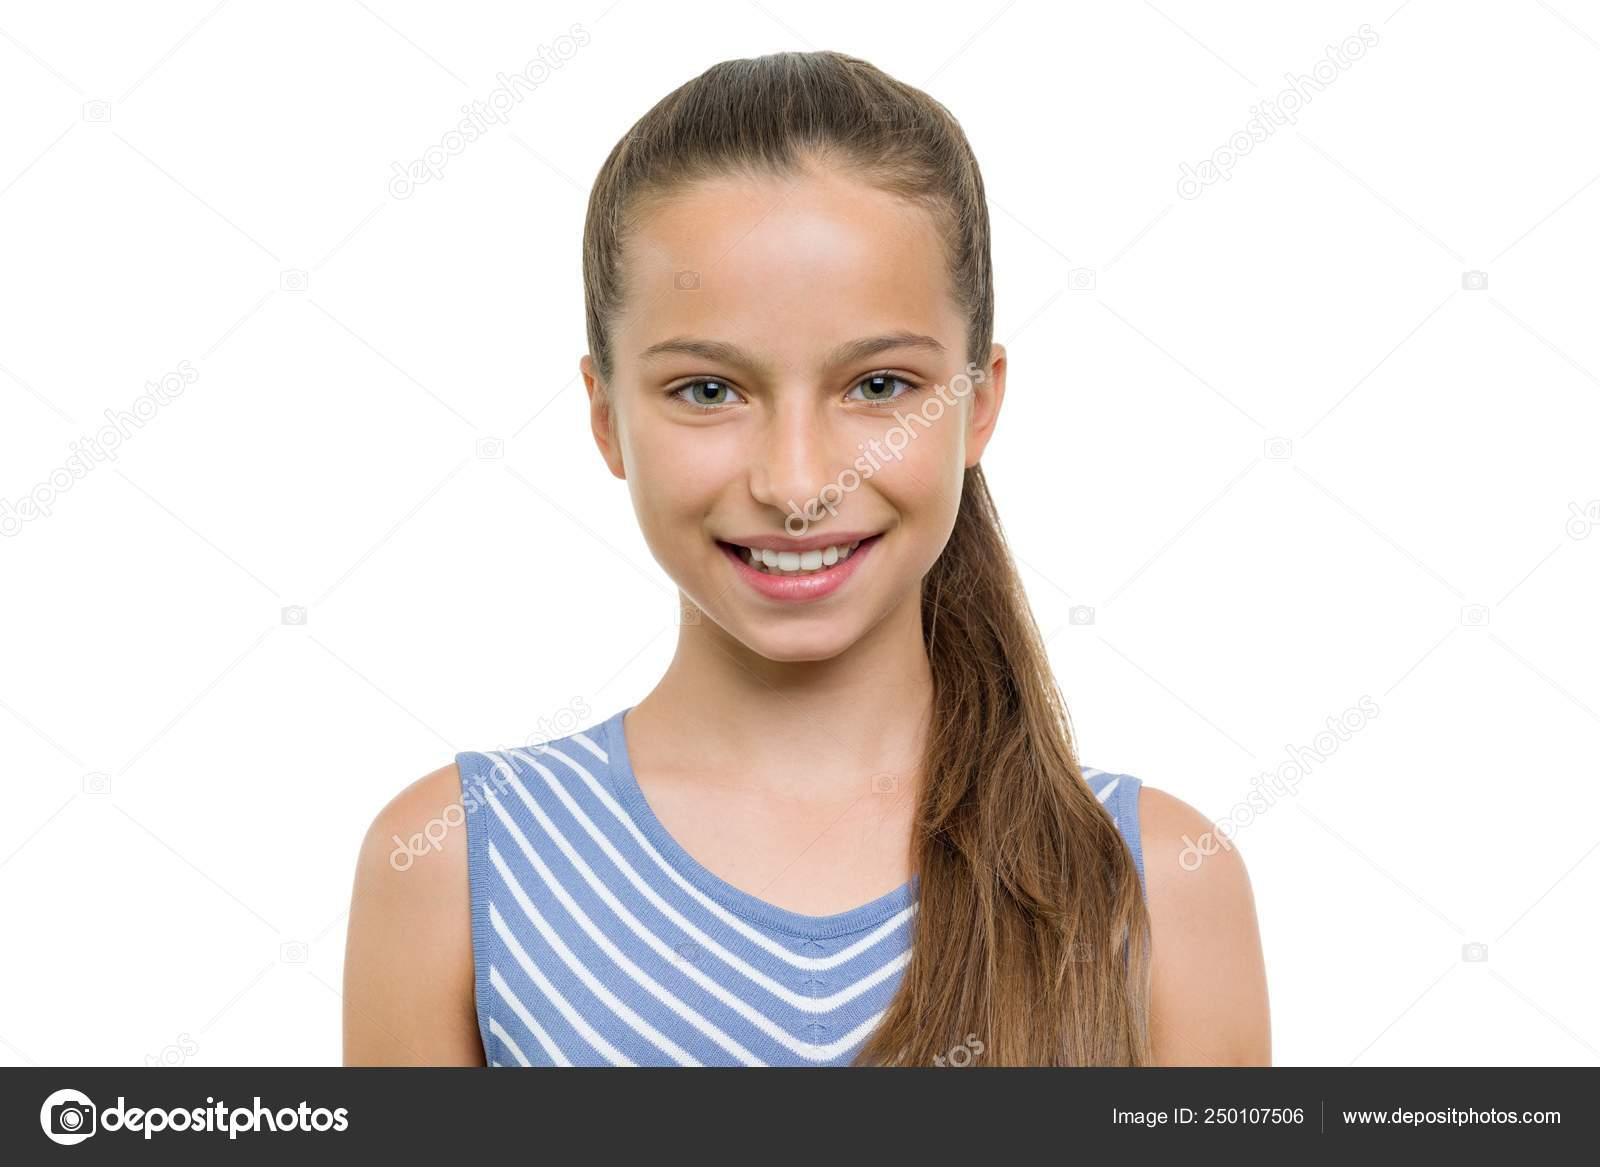 Mädchen profilbilder schöne Das schöne